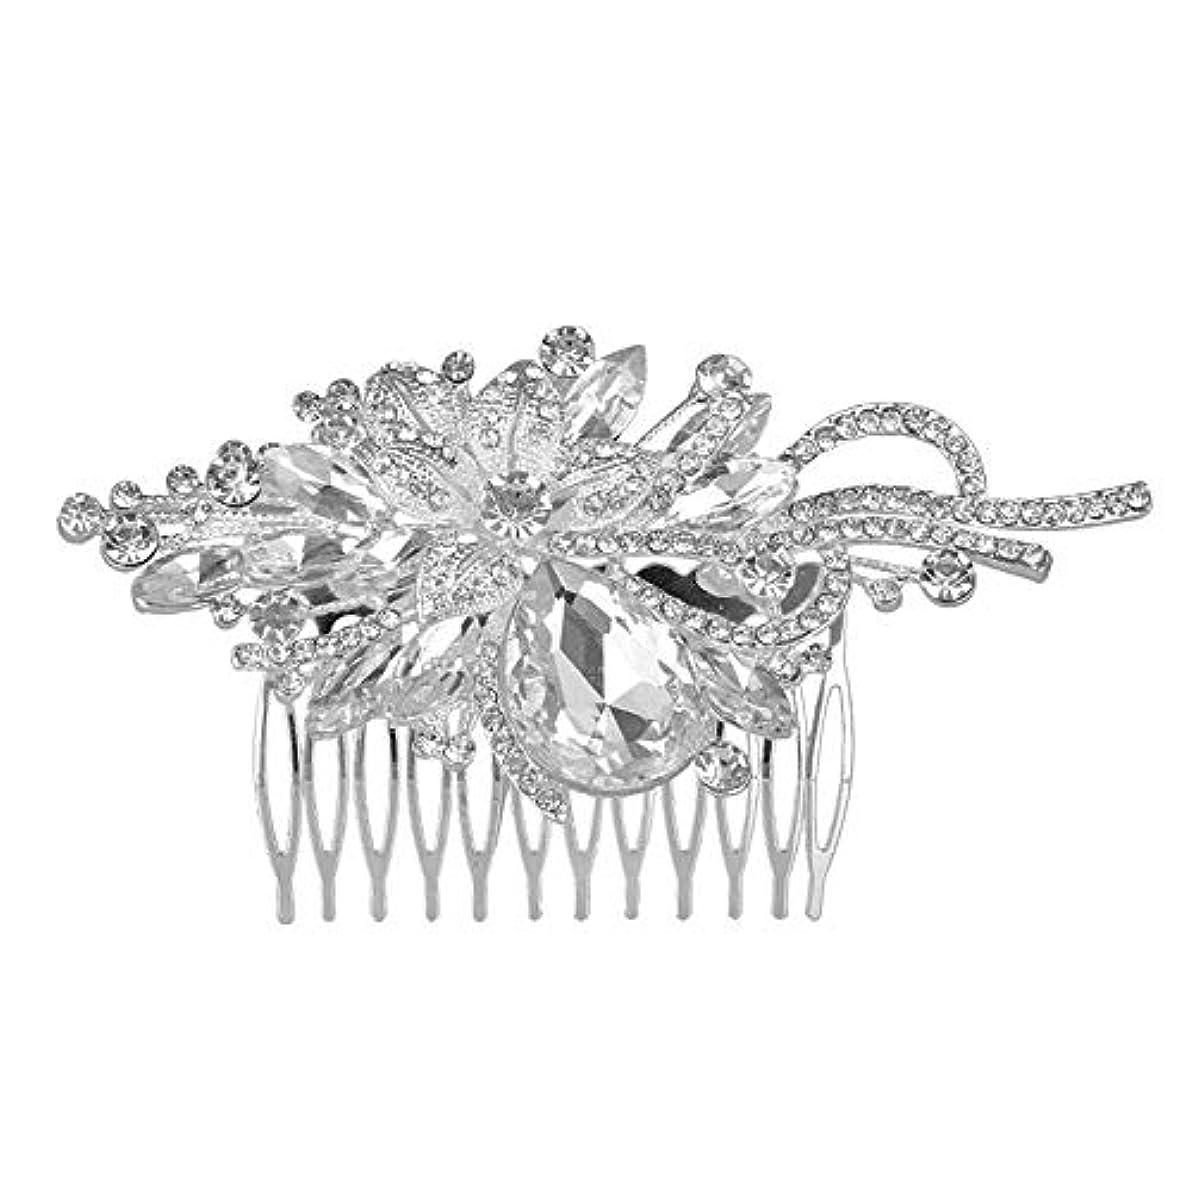 致命的な変成器狂った髪の櫛挿入櫛花嫁の髪櫛クラウン髪の櫛結婚式のアクセサリー葉の髪の櫛ラインストーンの髪の櫛ブライダルヘッドドレス